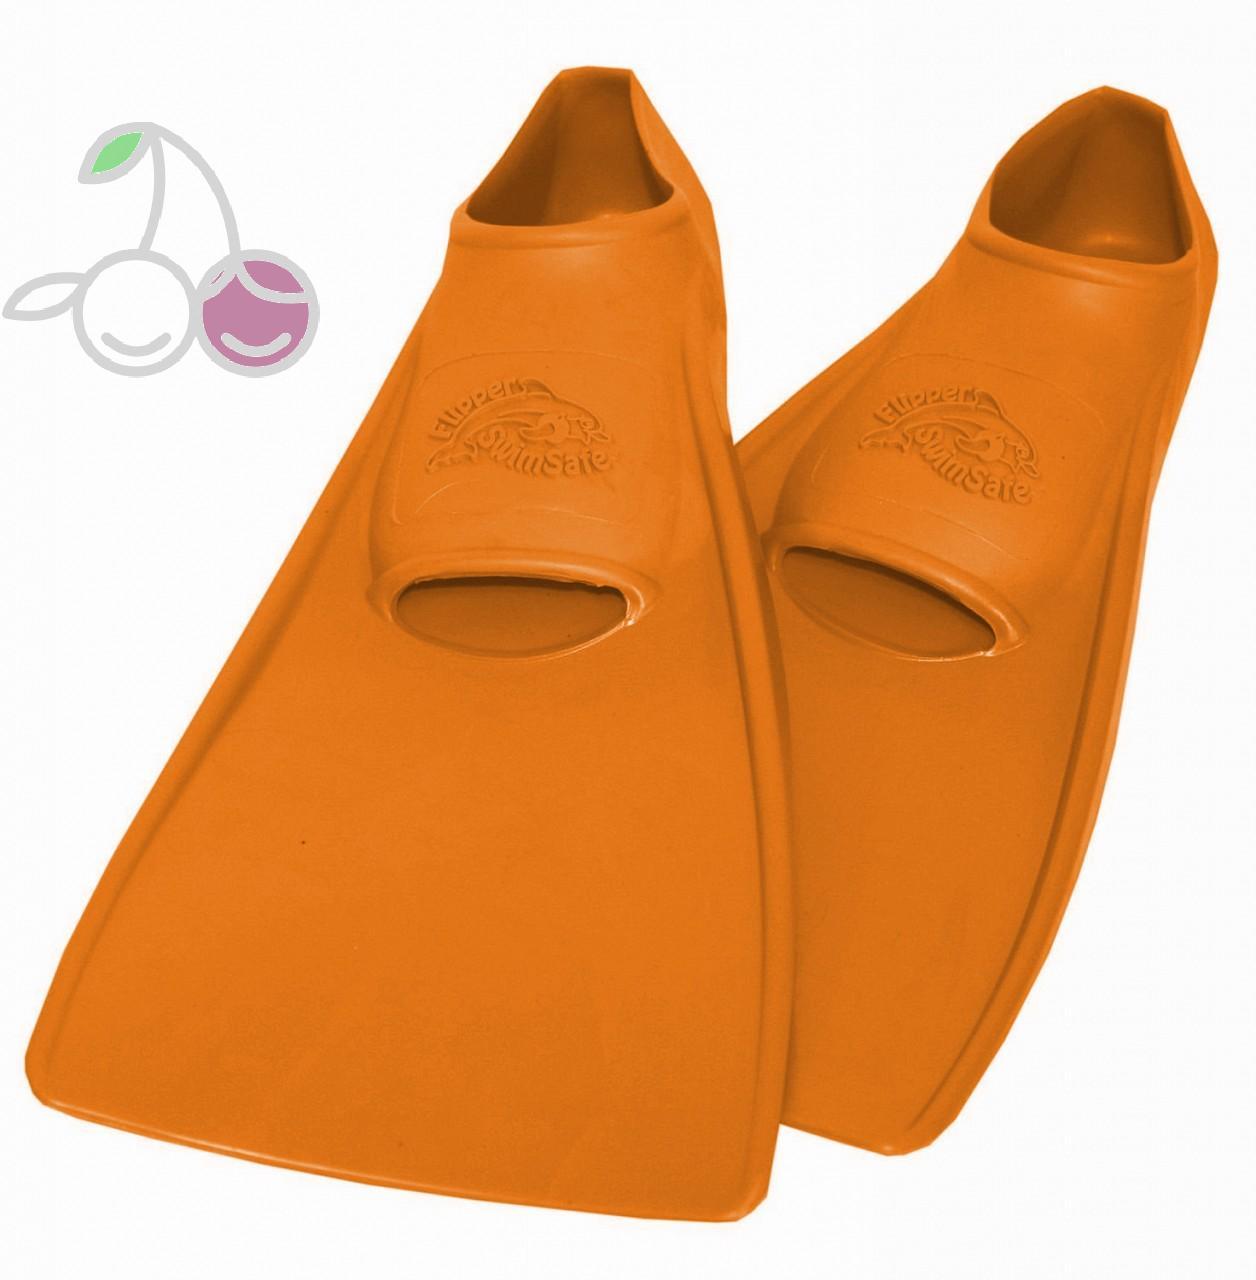 Ласты для бассейна резиновые детские размеры 26-28 оранжевые СВИМСЕЙФ (SwimSafe) Германия, - фото 1